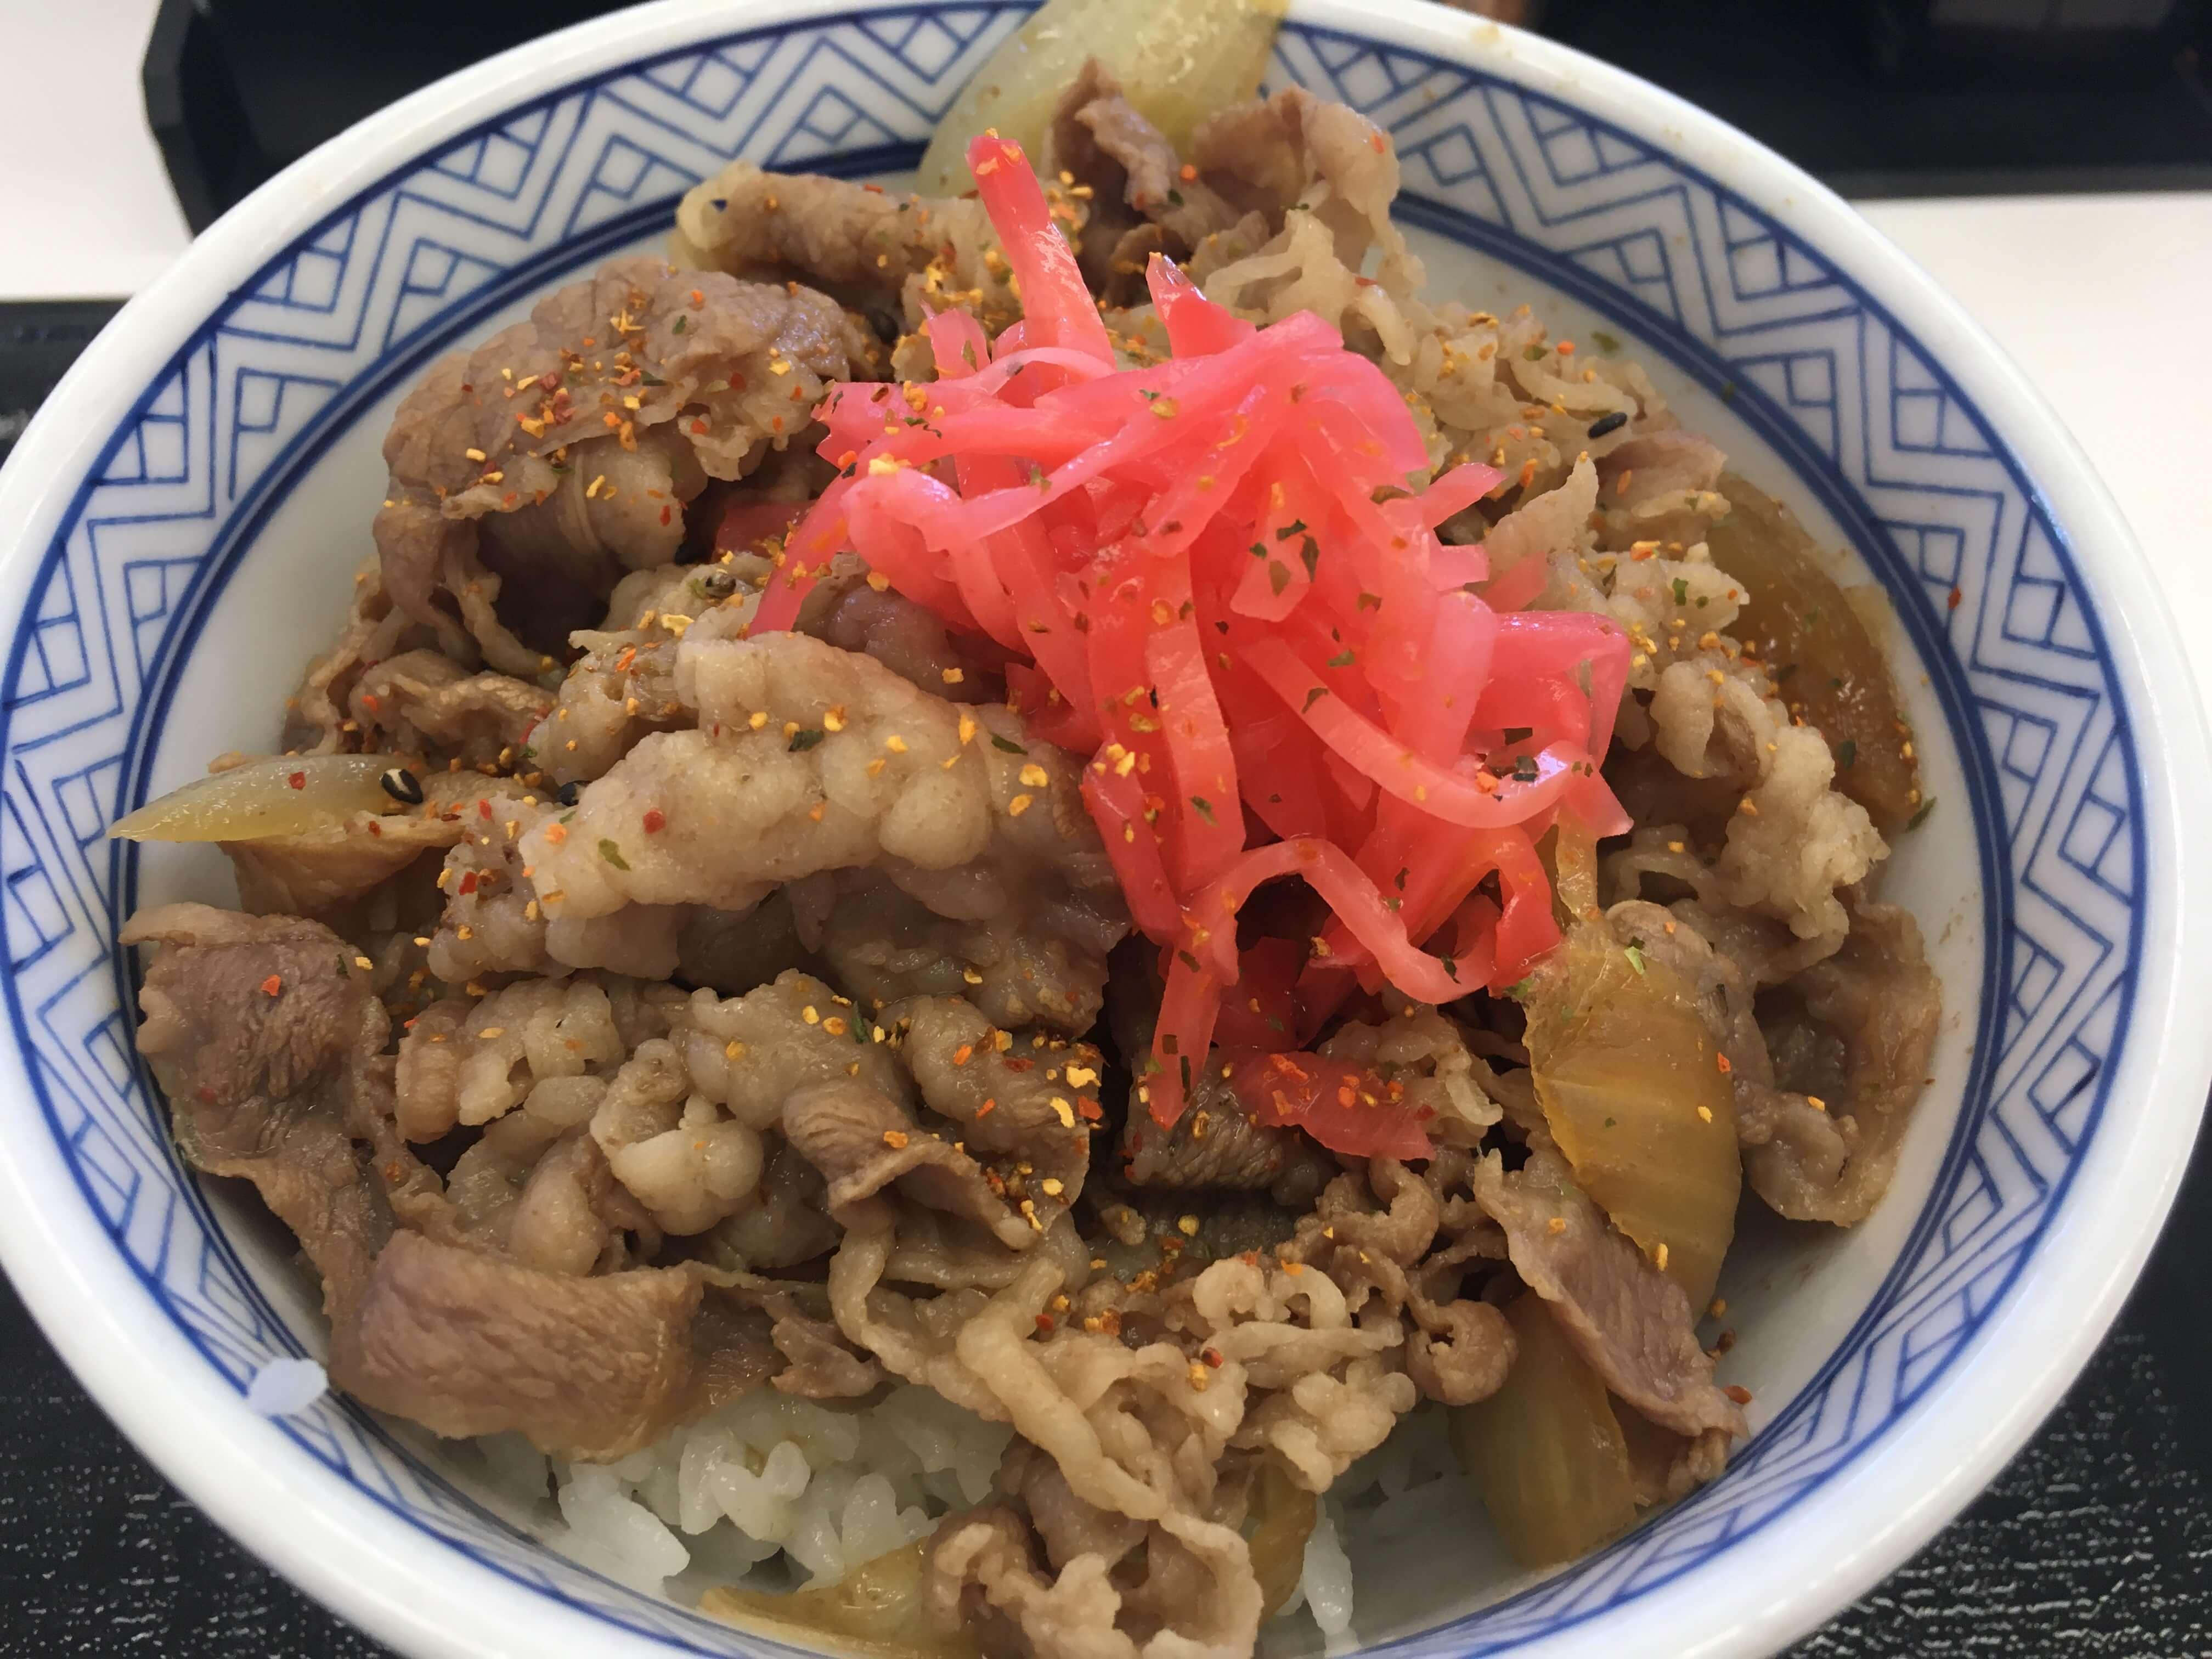 太っ腹 !! ソフトバンクユーザー限定 !! 今週も「吉野家」で牛丼食べちゃおう !!